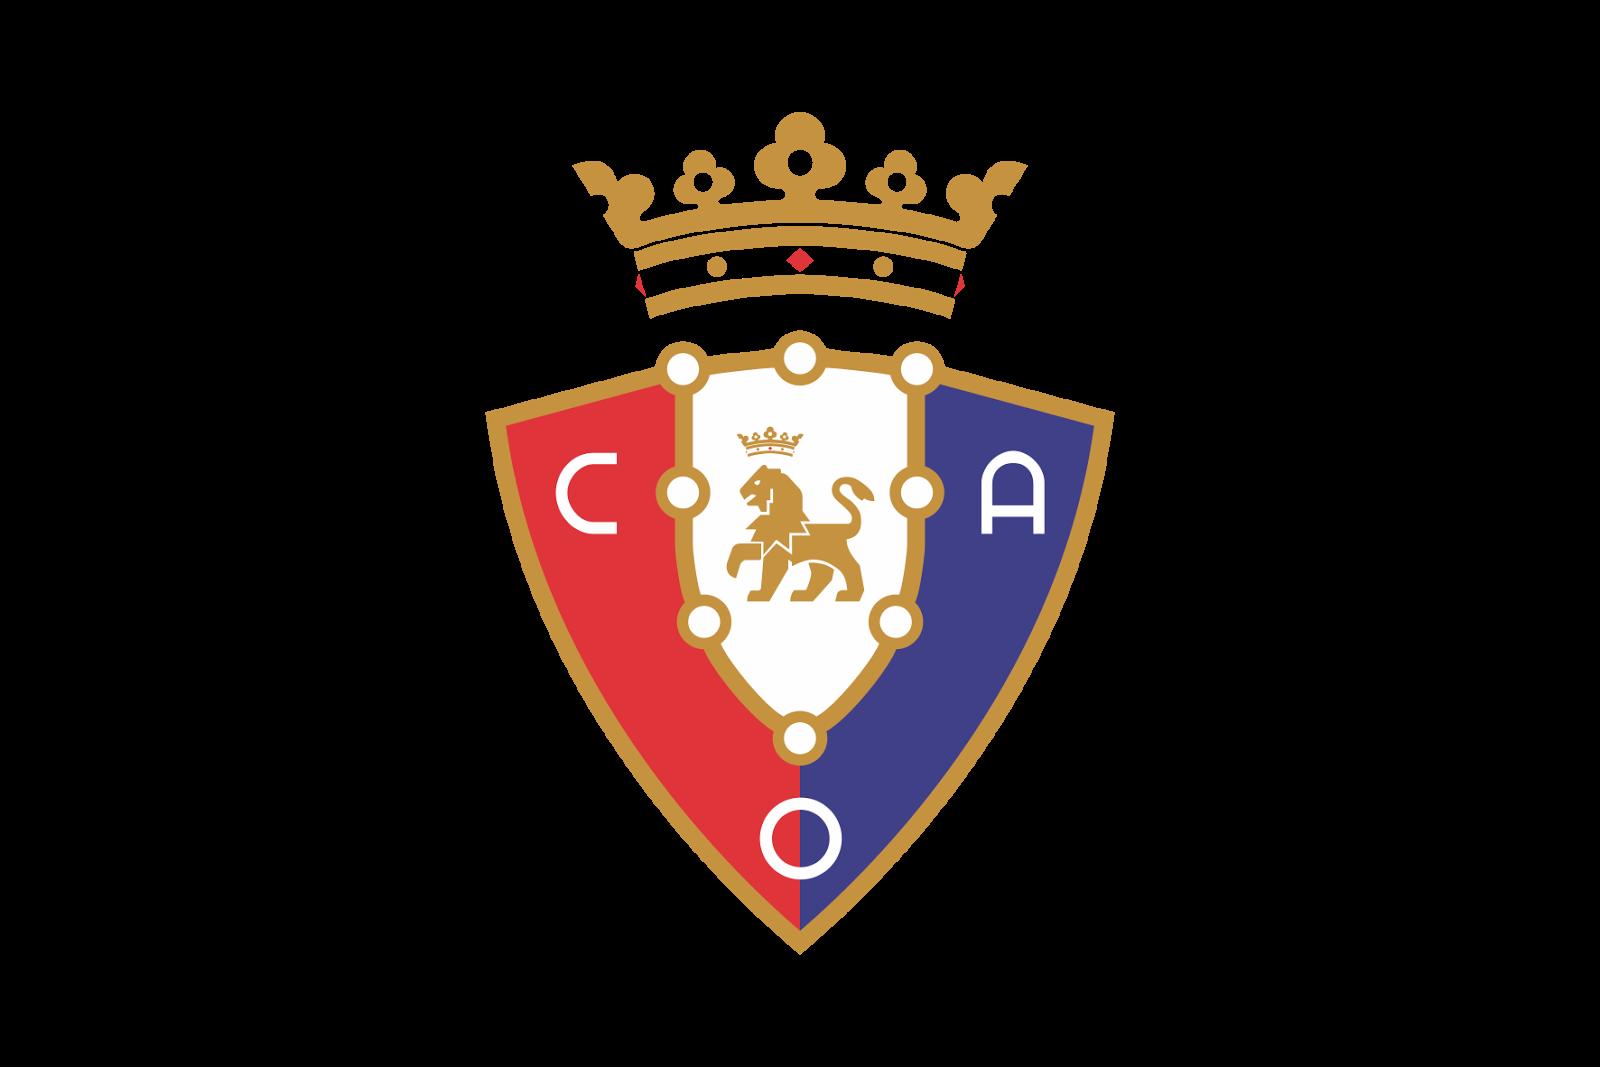 Osasuna Fc